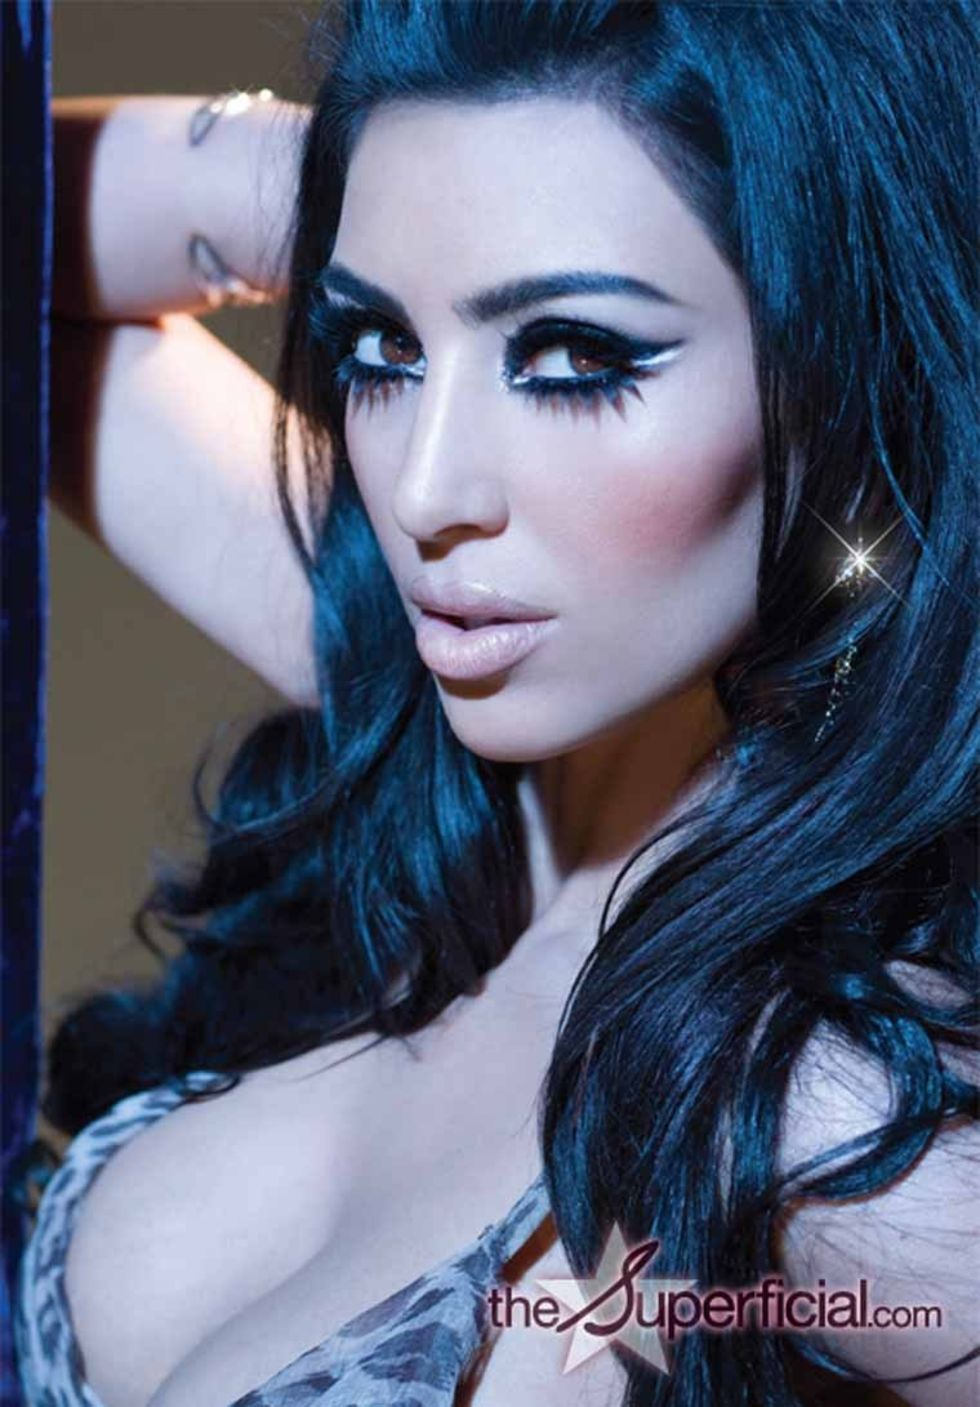 Kim Kardashian Makeup | ✩ KIM KARDASHIAN ✩ | Pinterest | More ...